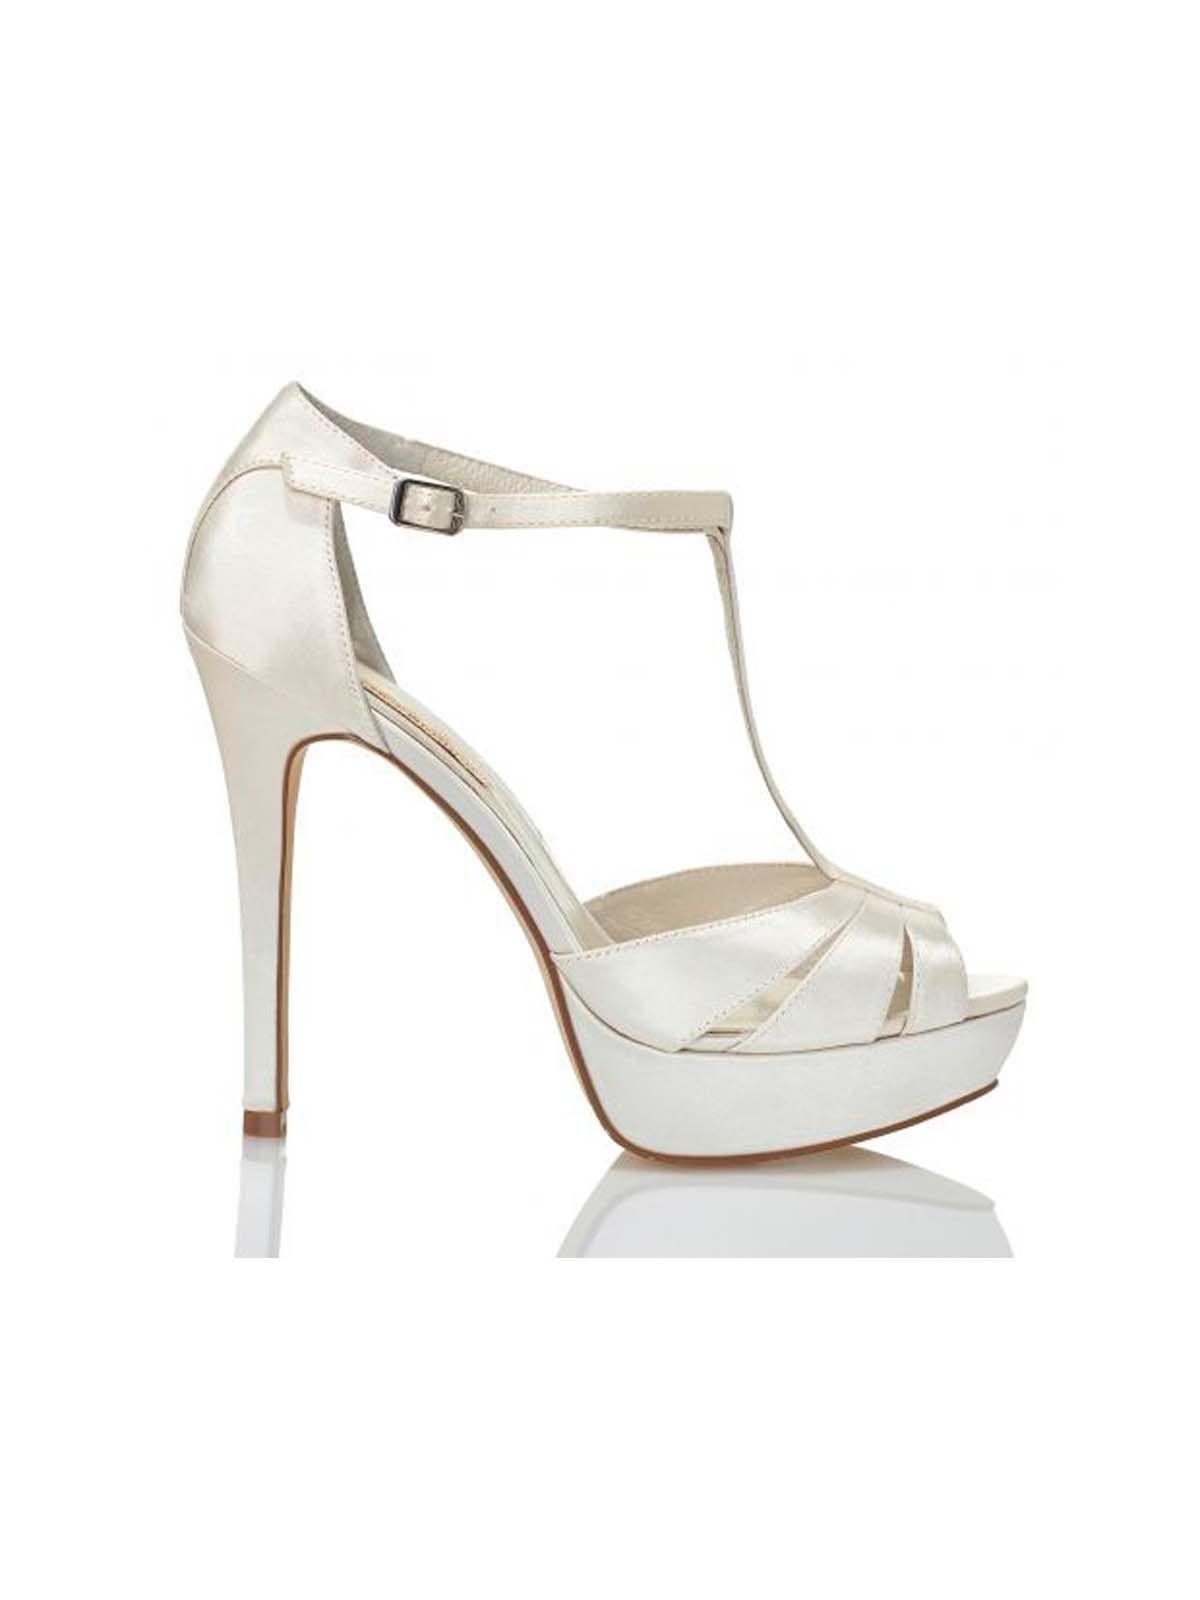 b8a1e4df5de Zapato de Menbur (MIKA), categoría novia … | Sapatillas/Zapatos en 2019…